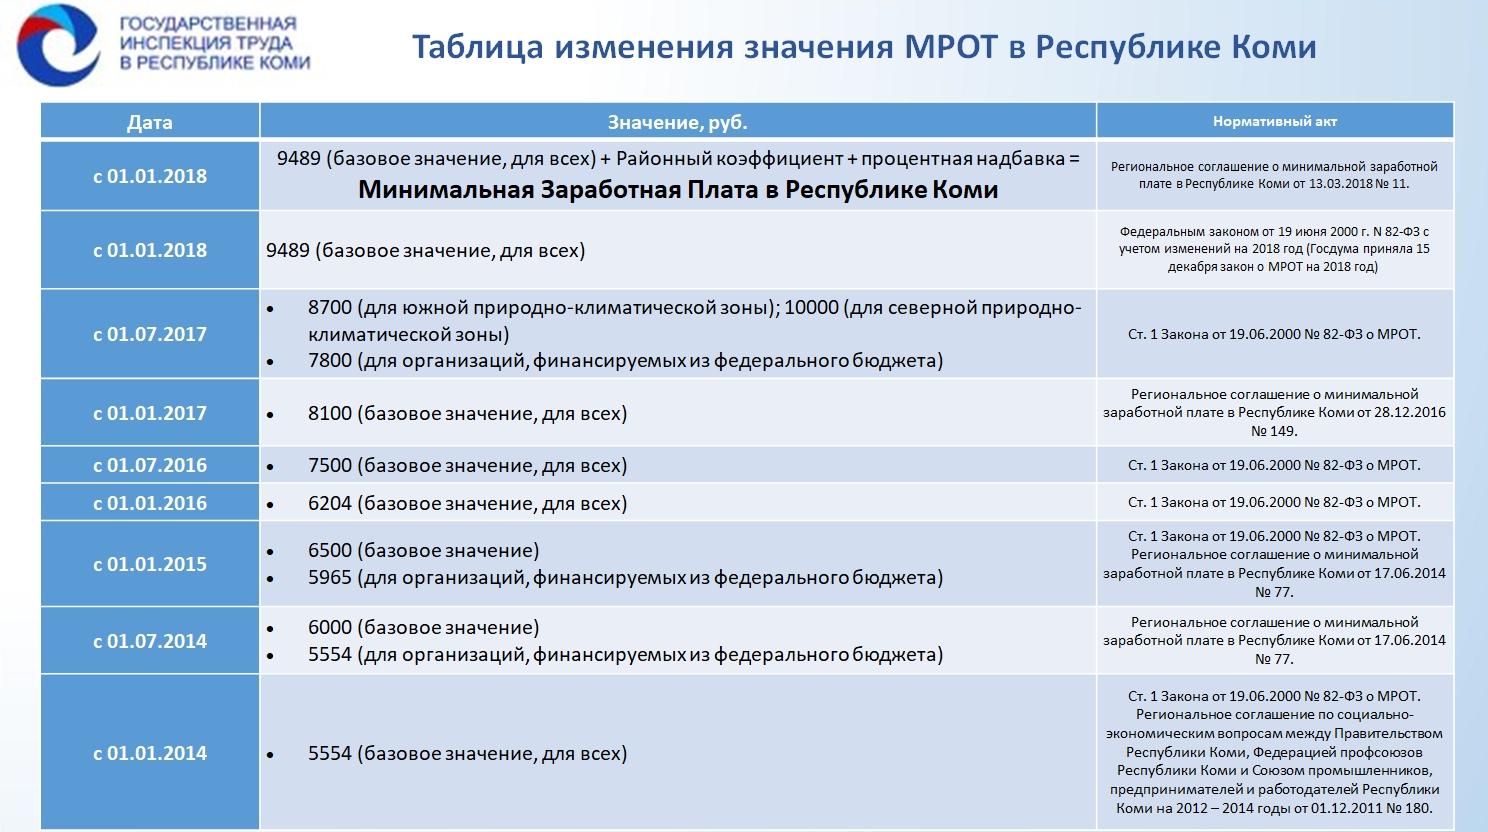 Ставки транспортного налога в республике коми в 2011 году ставки экспортных пошлин на нефть в долл.сша за тонну